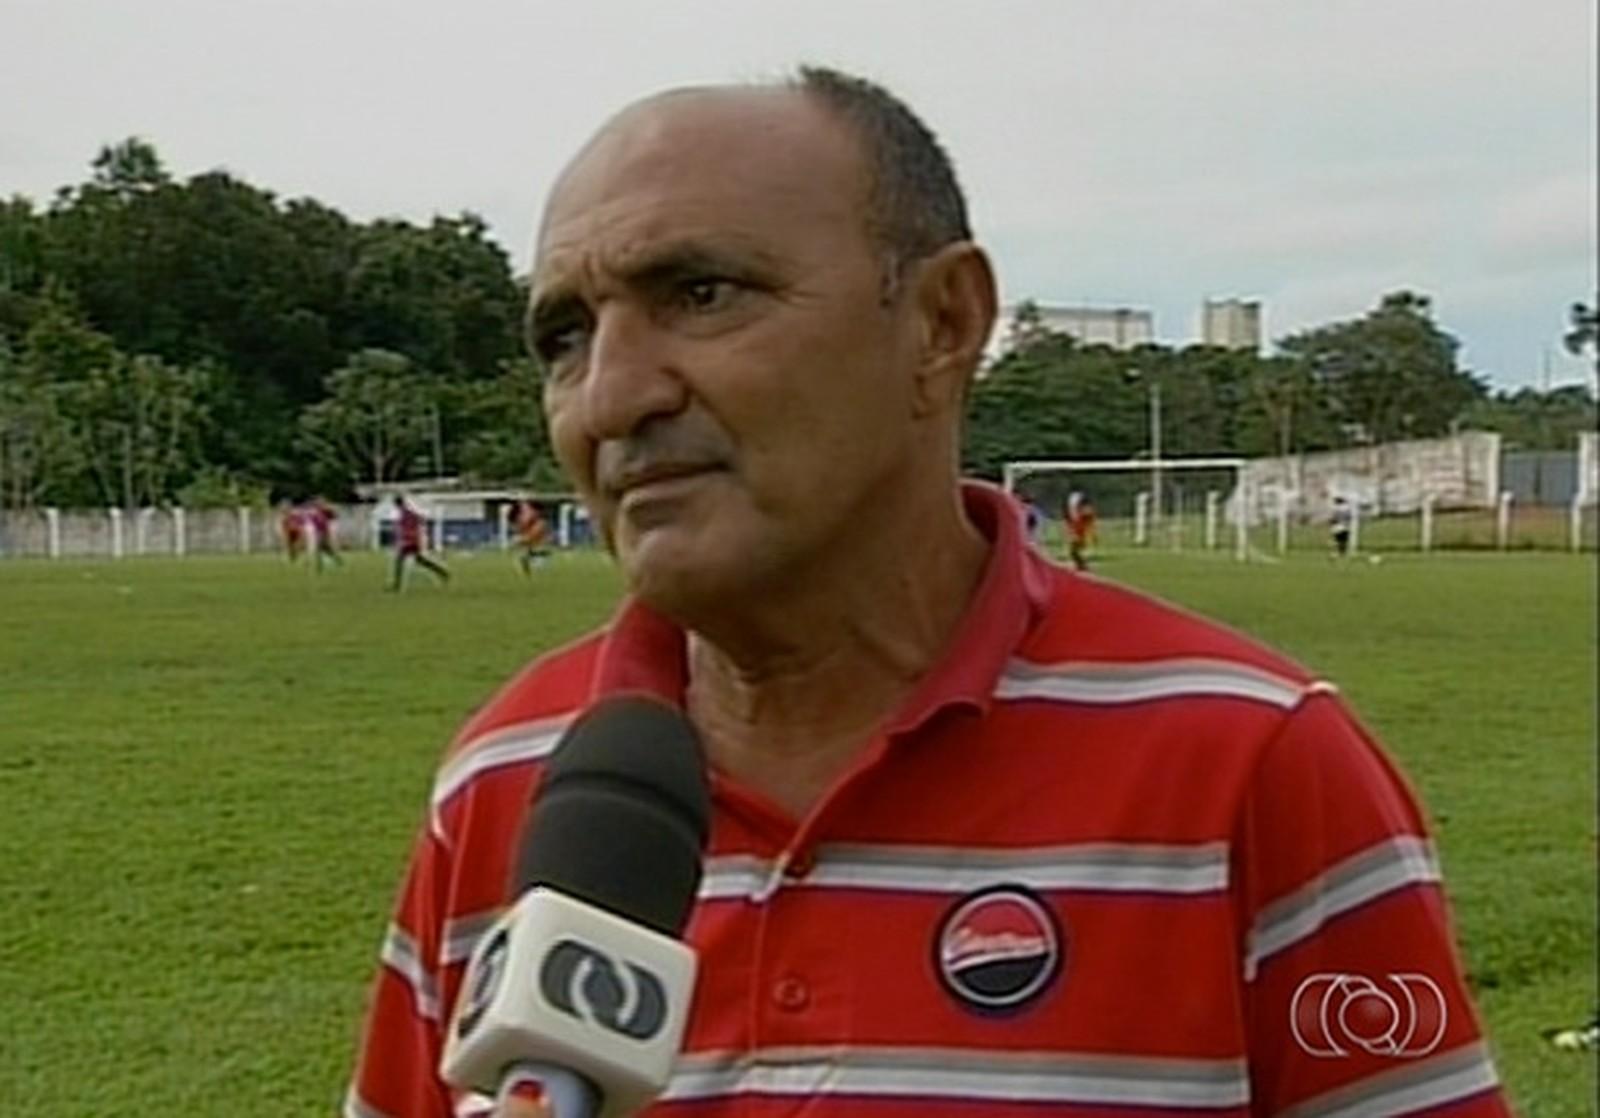 Grupo do Maranhão deve assumir o Araguaína, diz Conselho Deliberativo do clube